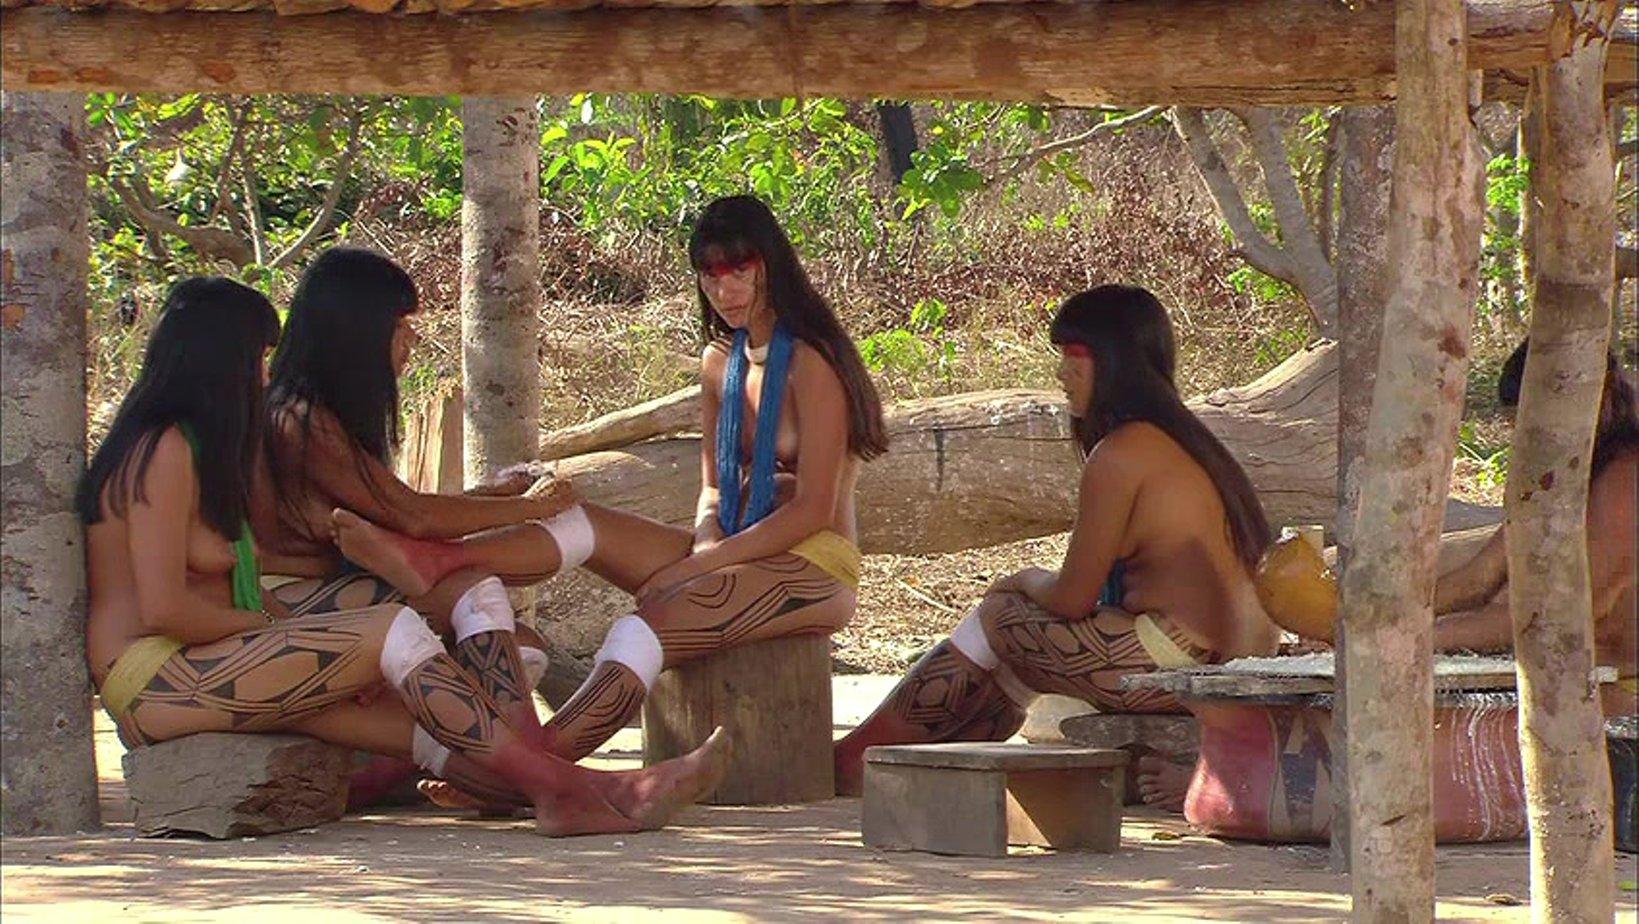 Pornonude na amazonia smut images